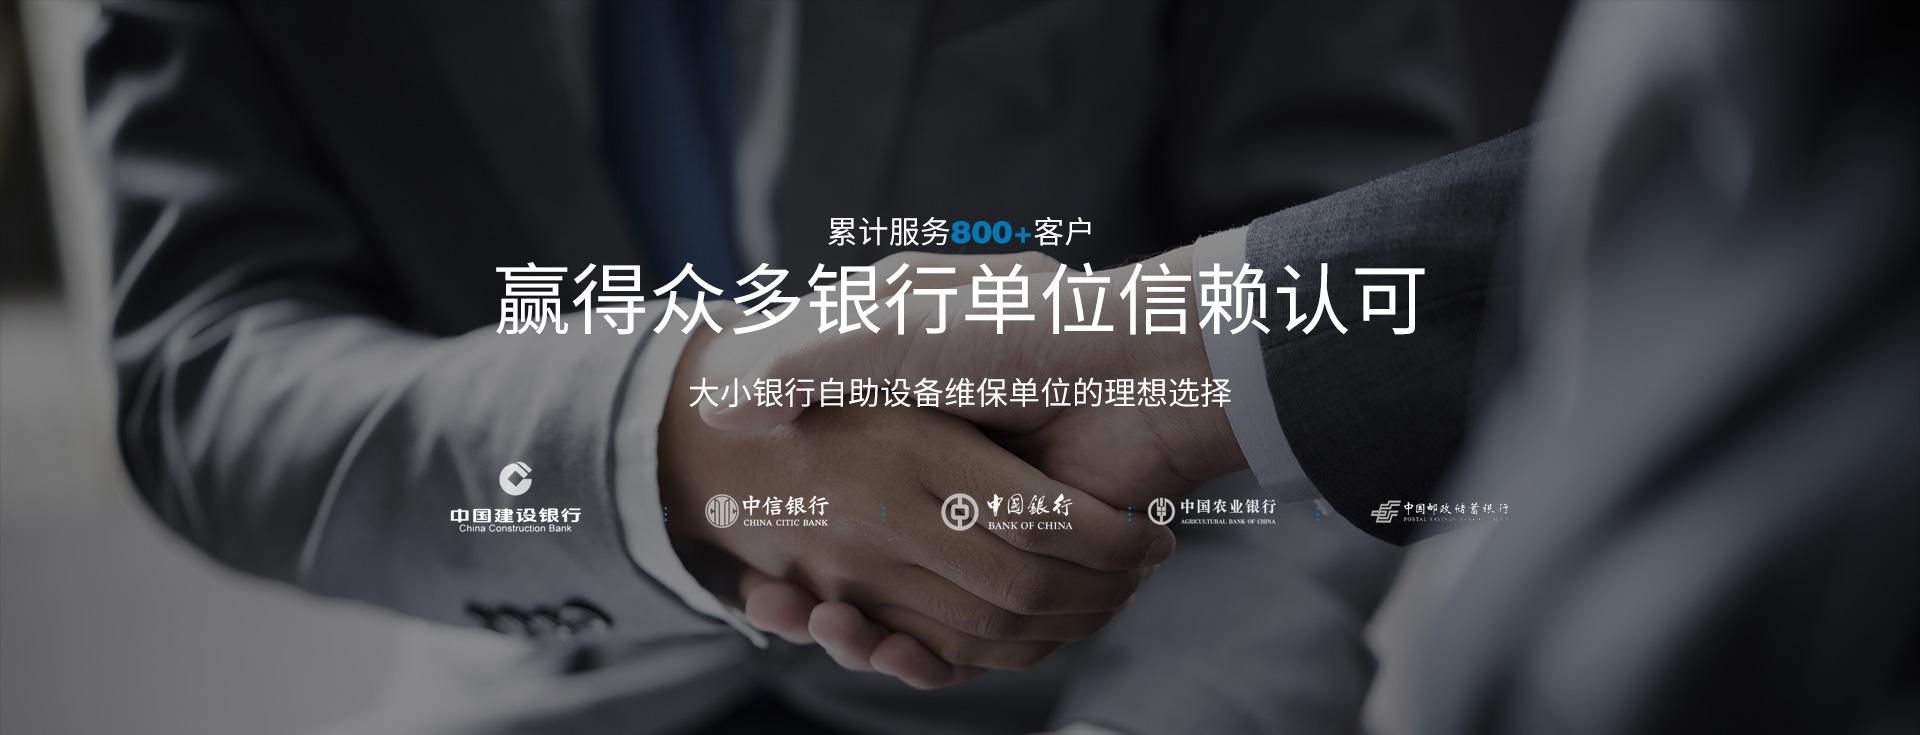 华融凯累计服务800+客户,赢得众多银行单位信赖认可